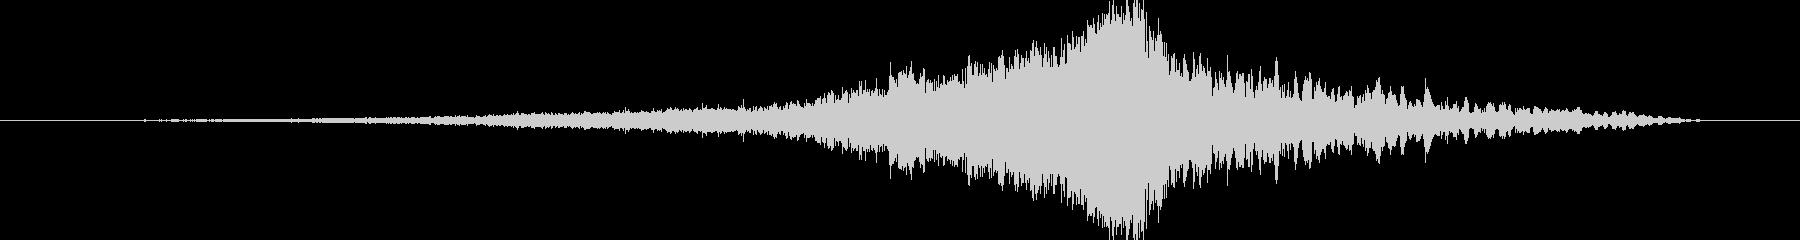 【映画】 シネマティック ライザー 06の未再生の波形